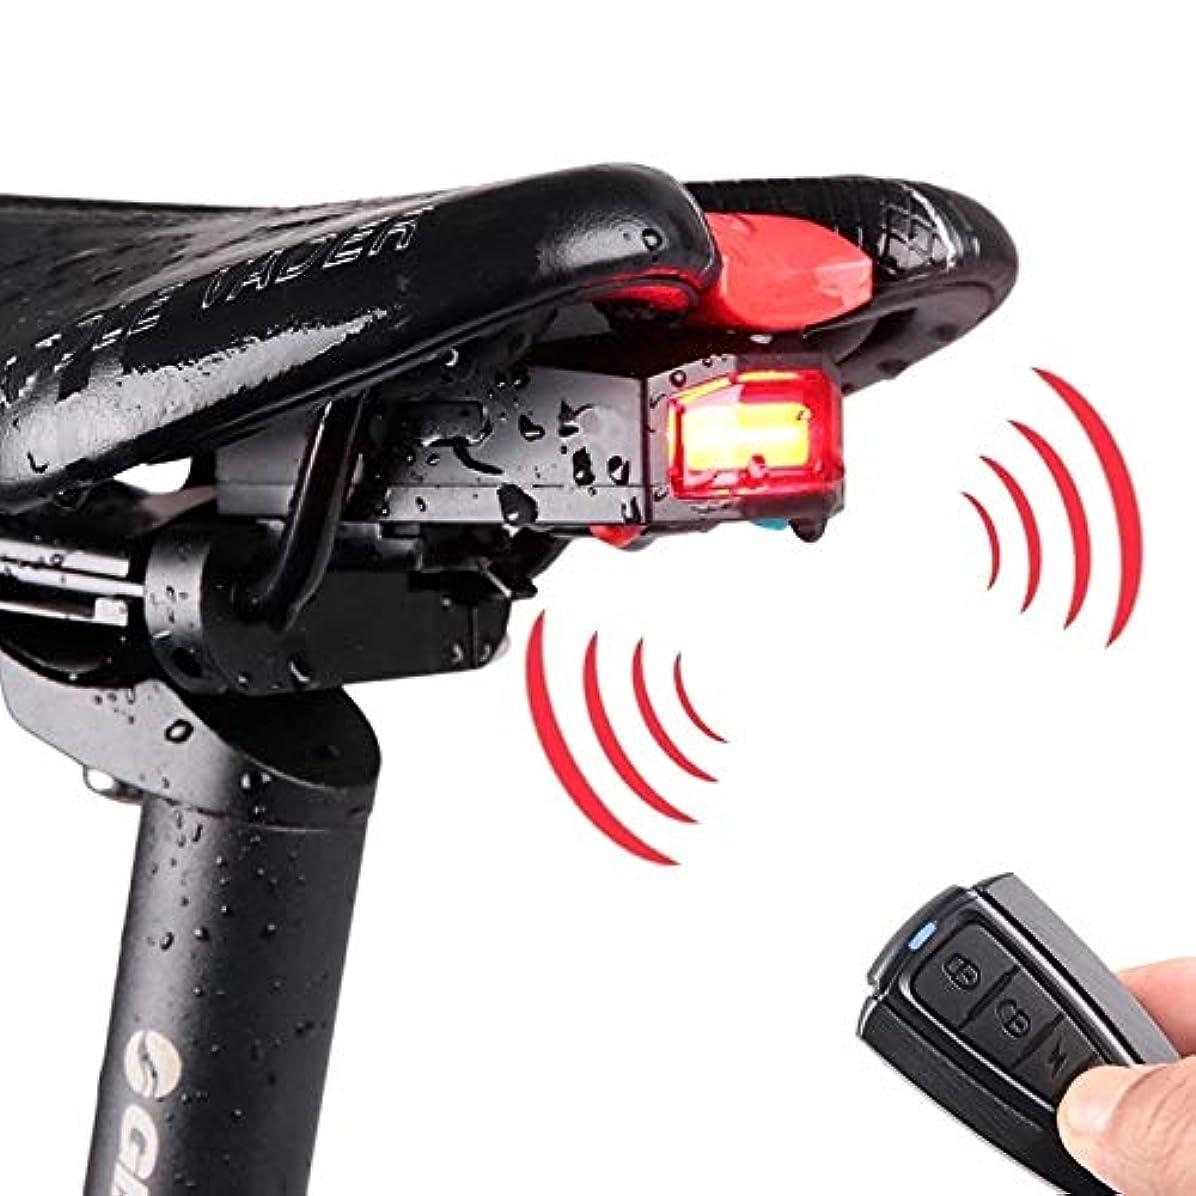 こするパステル均等にリモート?コントロールのスマートな穂軸LED警報自転車の後部ライトテールライト、制御距離:1-100m IP65防水USB充電式,